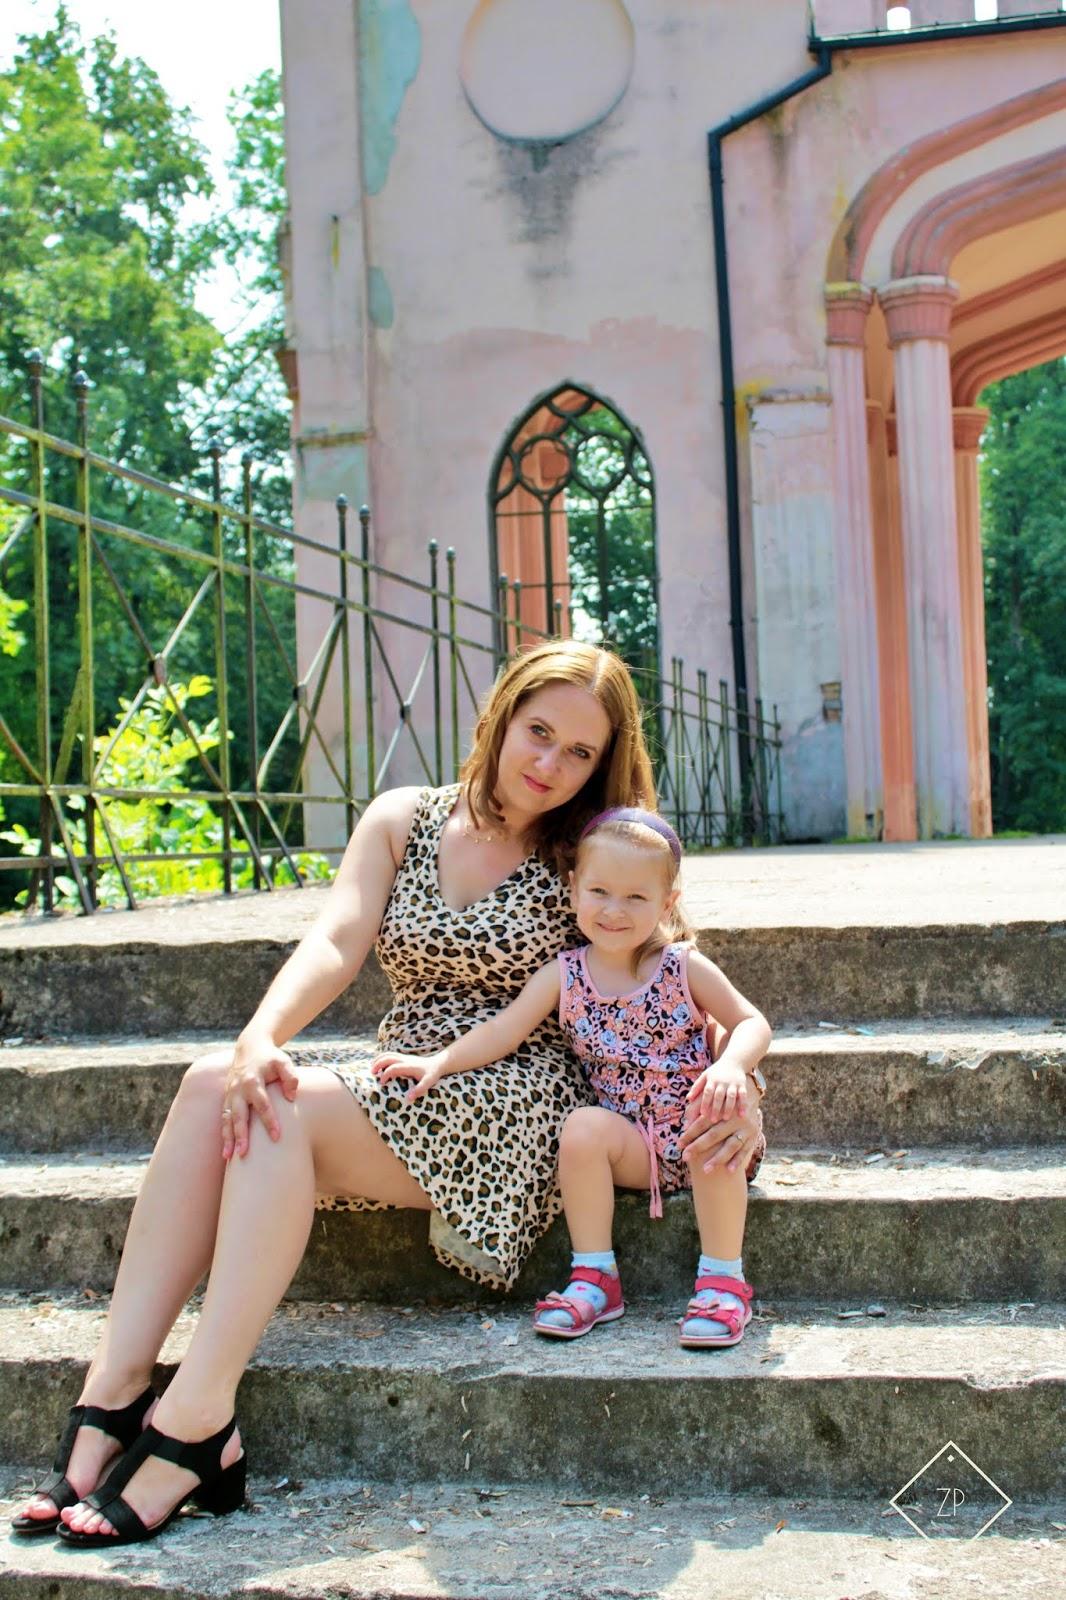 wsuwane sandałki na słupku czasnabuty.pl, ruiny pałacu paca w dowspudzie